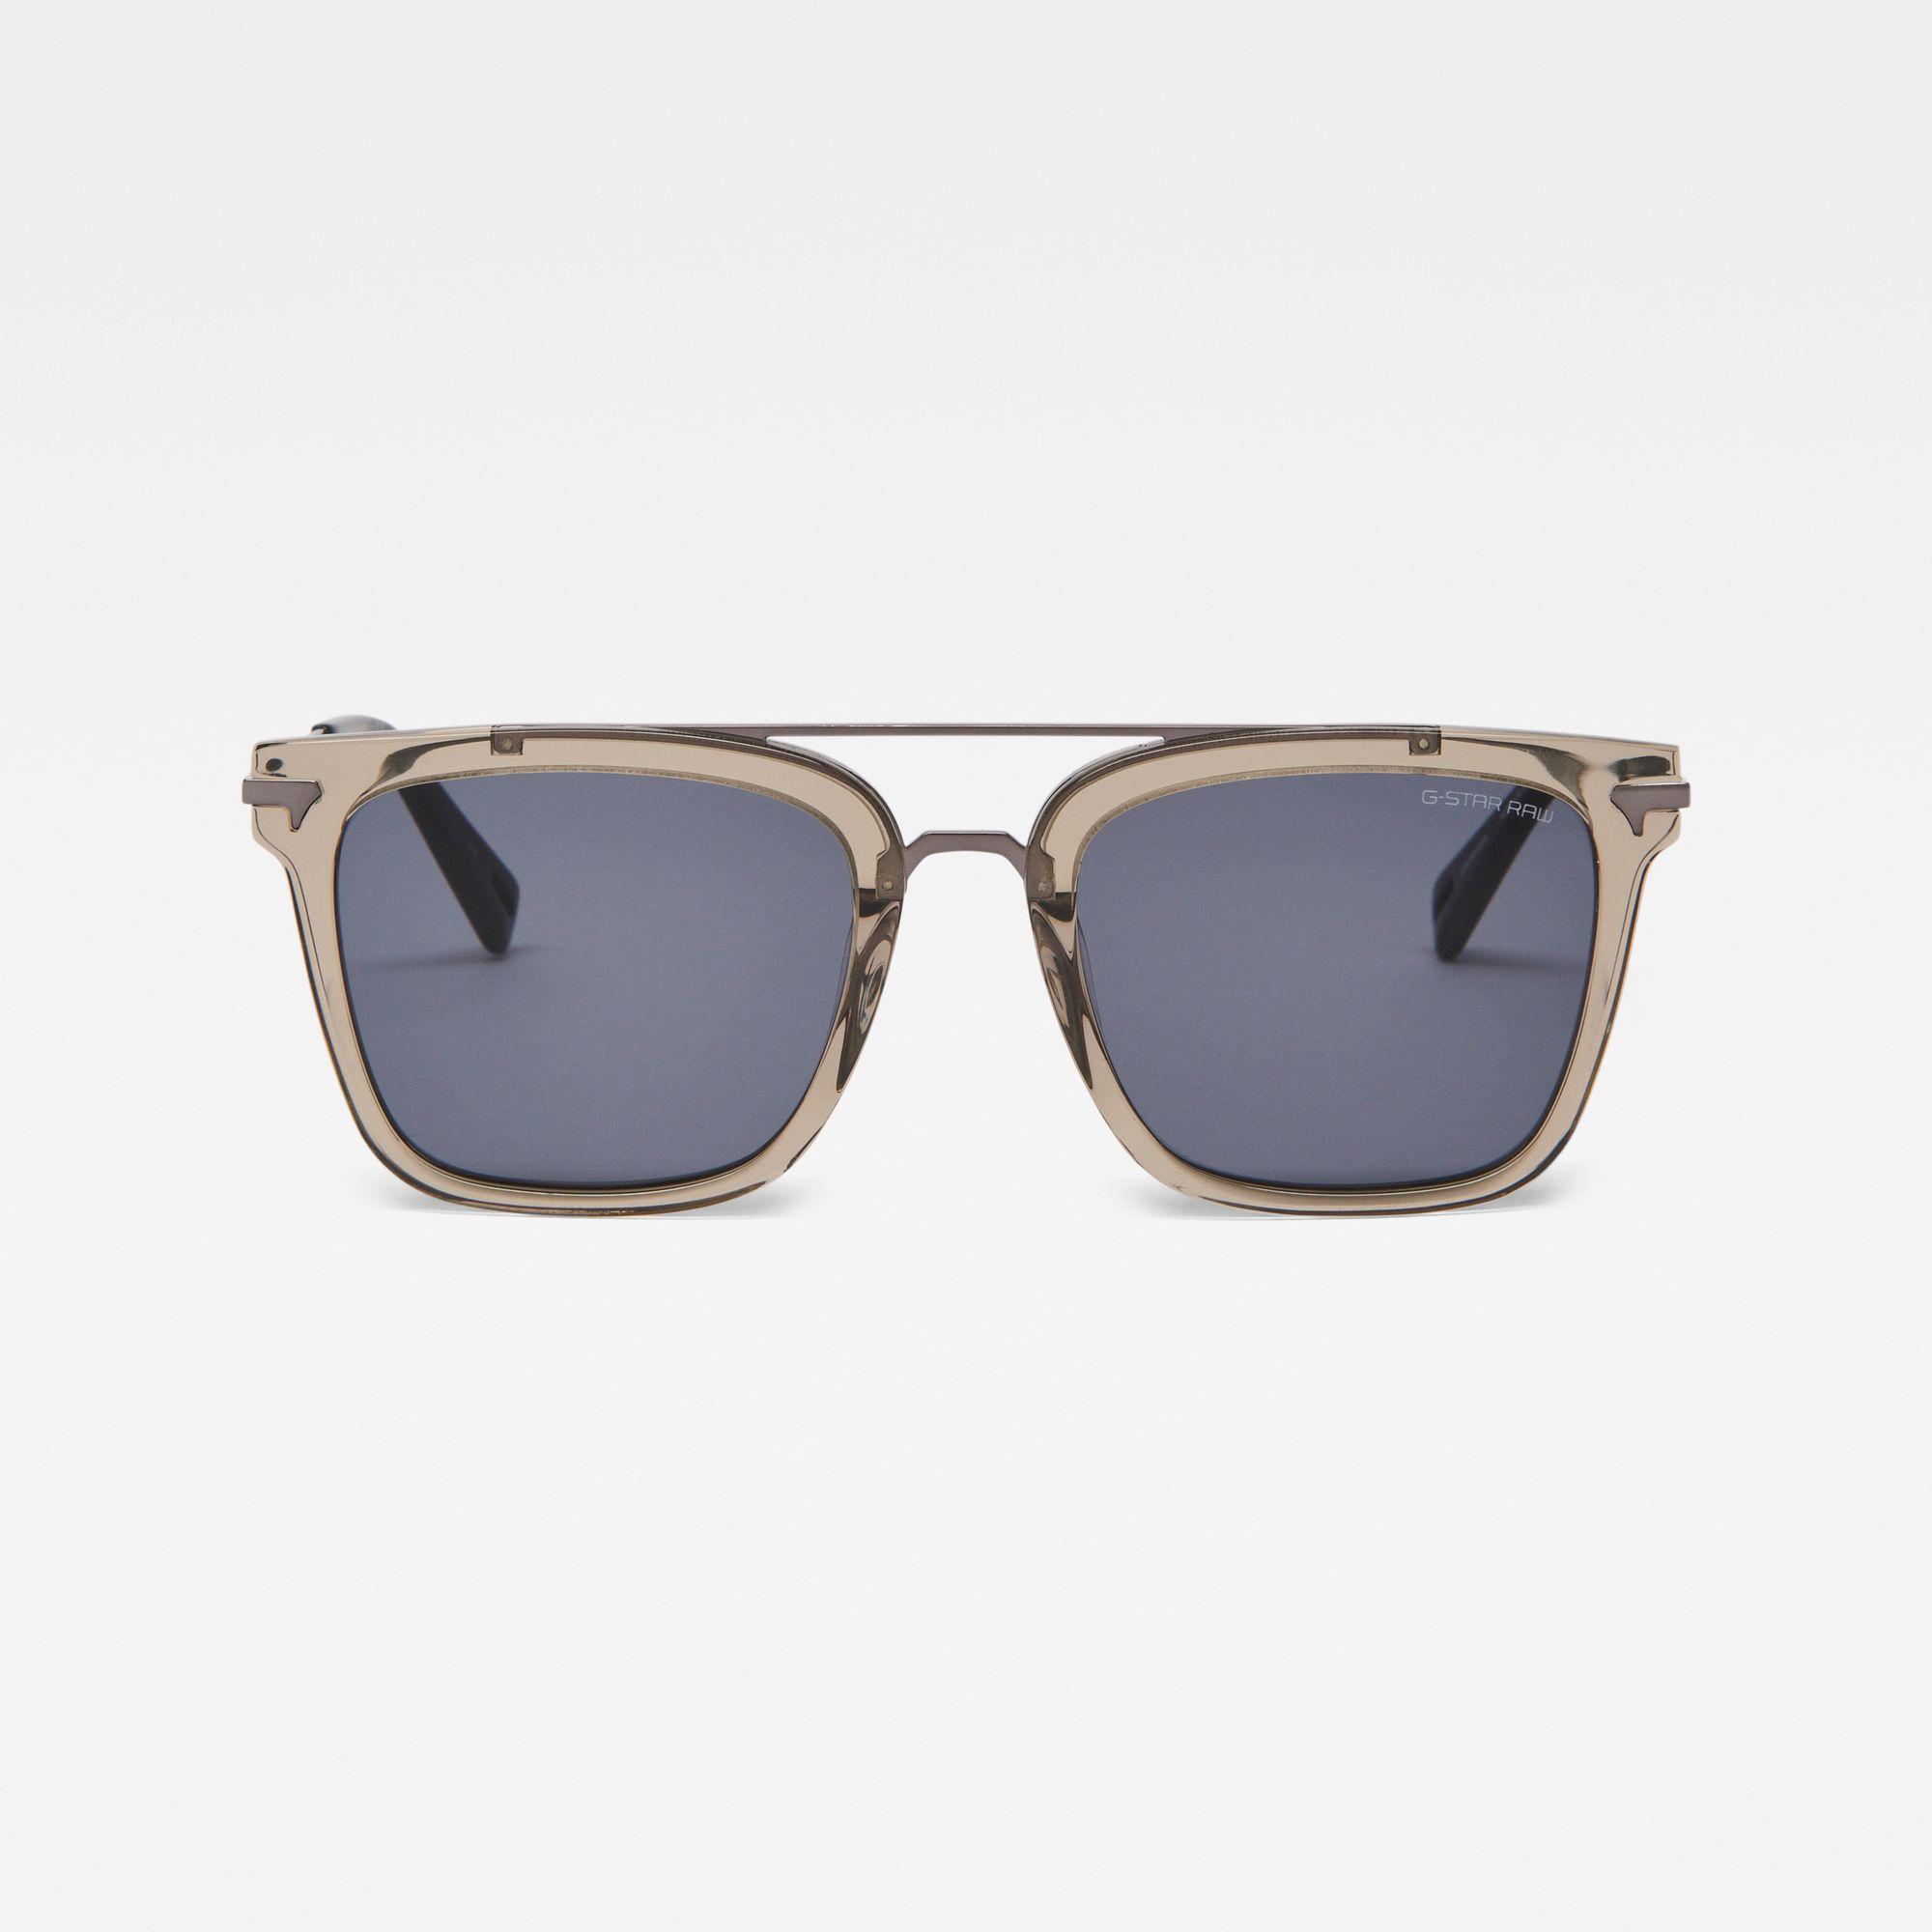 c51c1a21d99 Combo Eehro Sunglasses G-Star